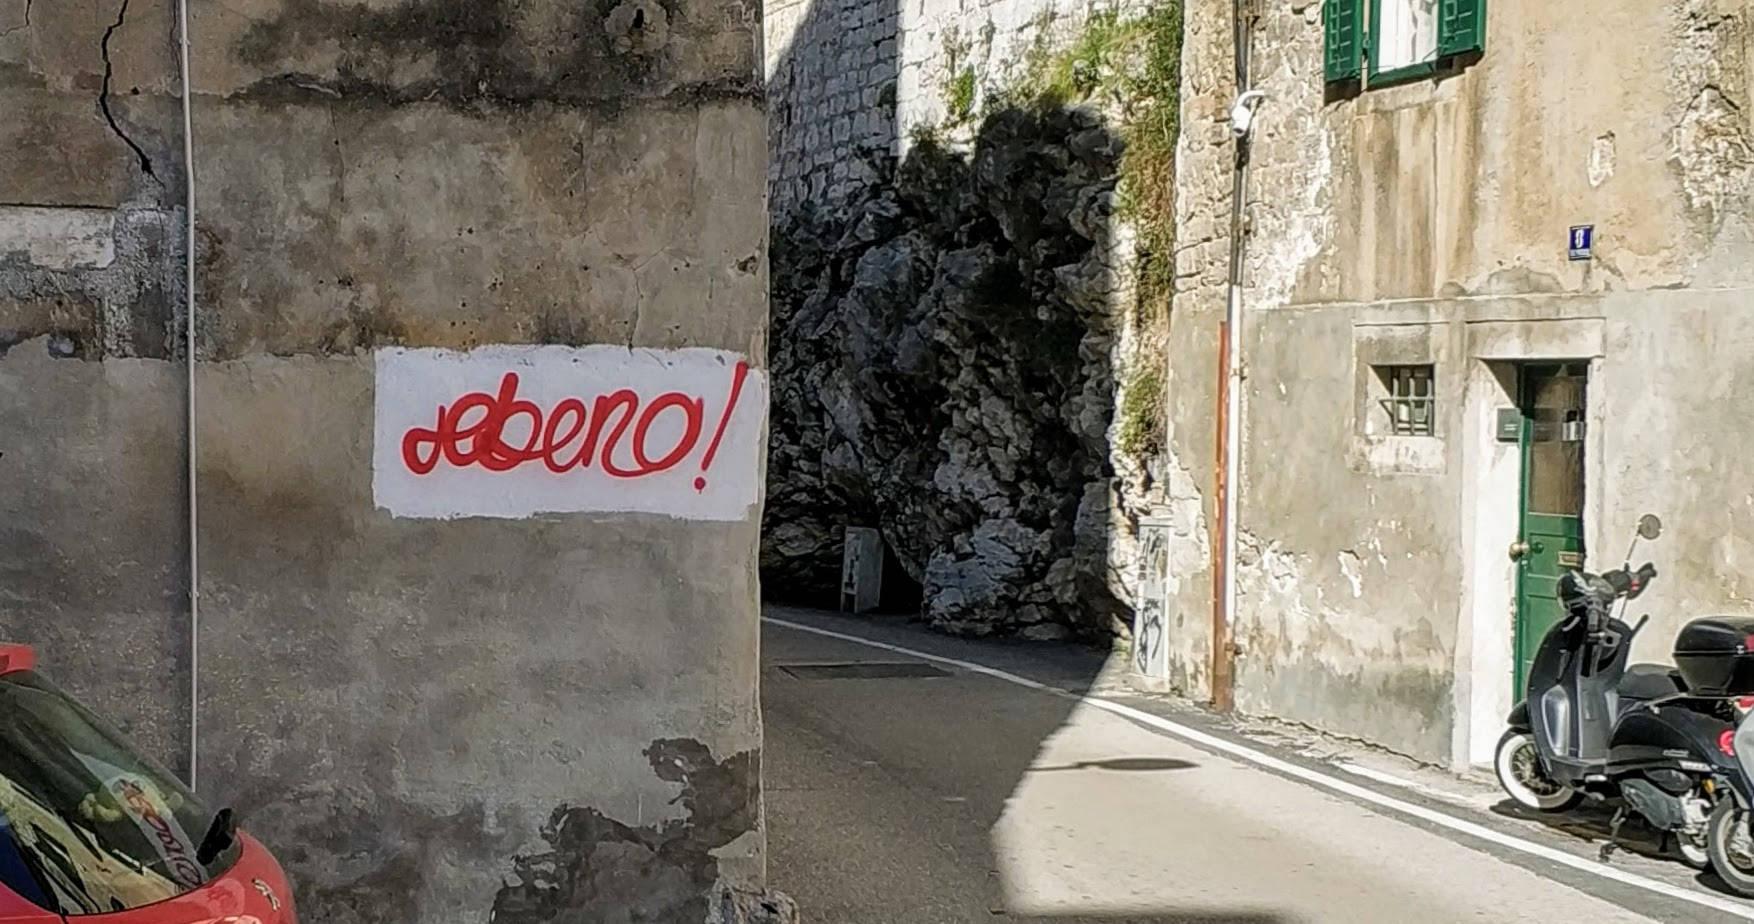 Da li je ovo ulična umjetnost ili vandalizam?